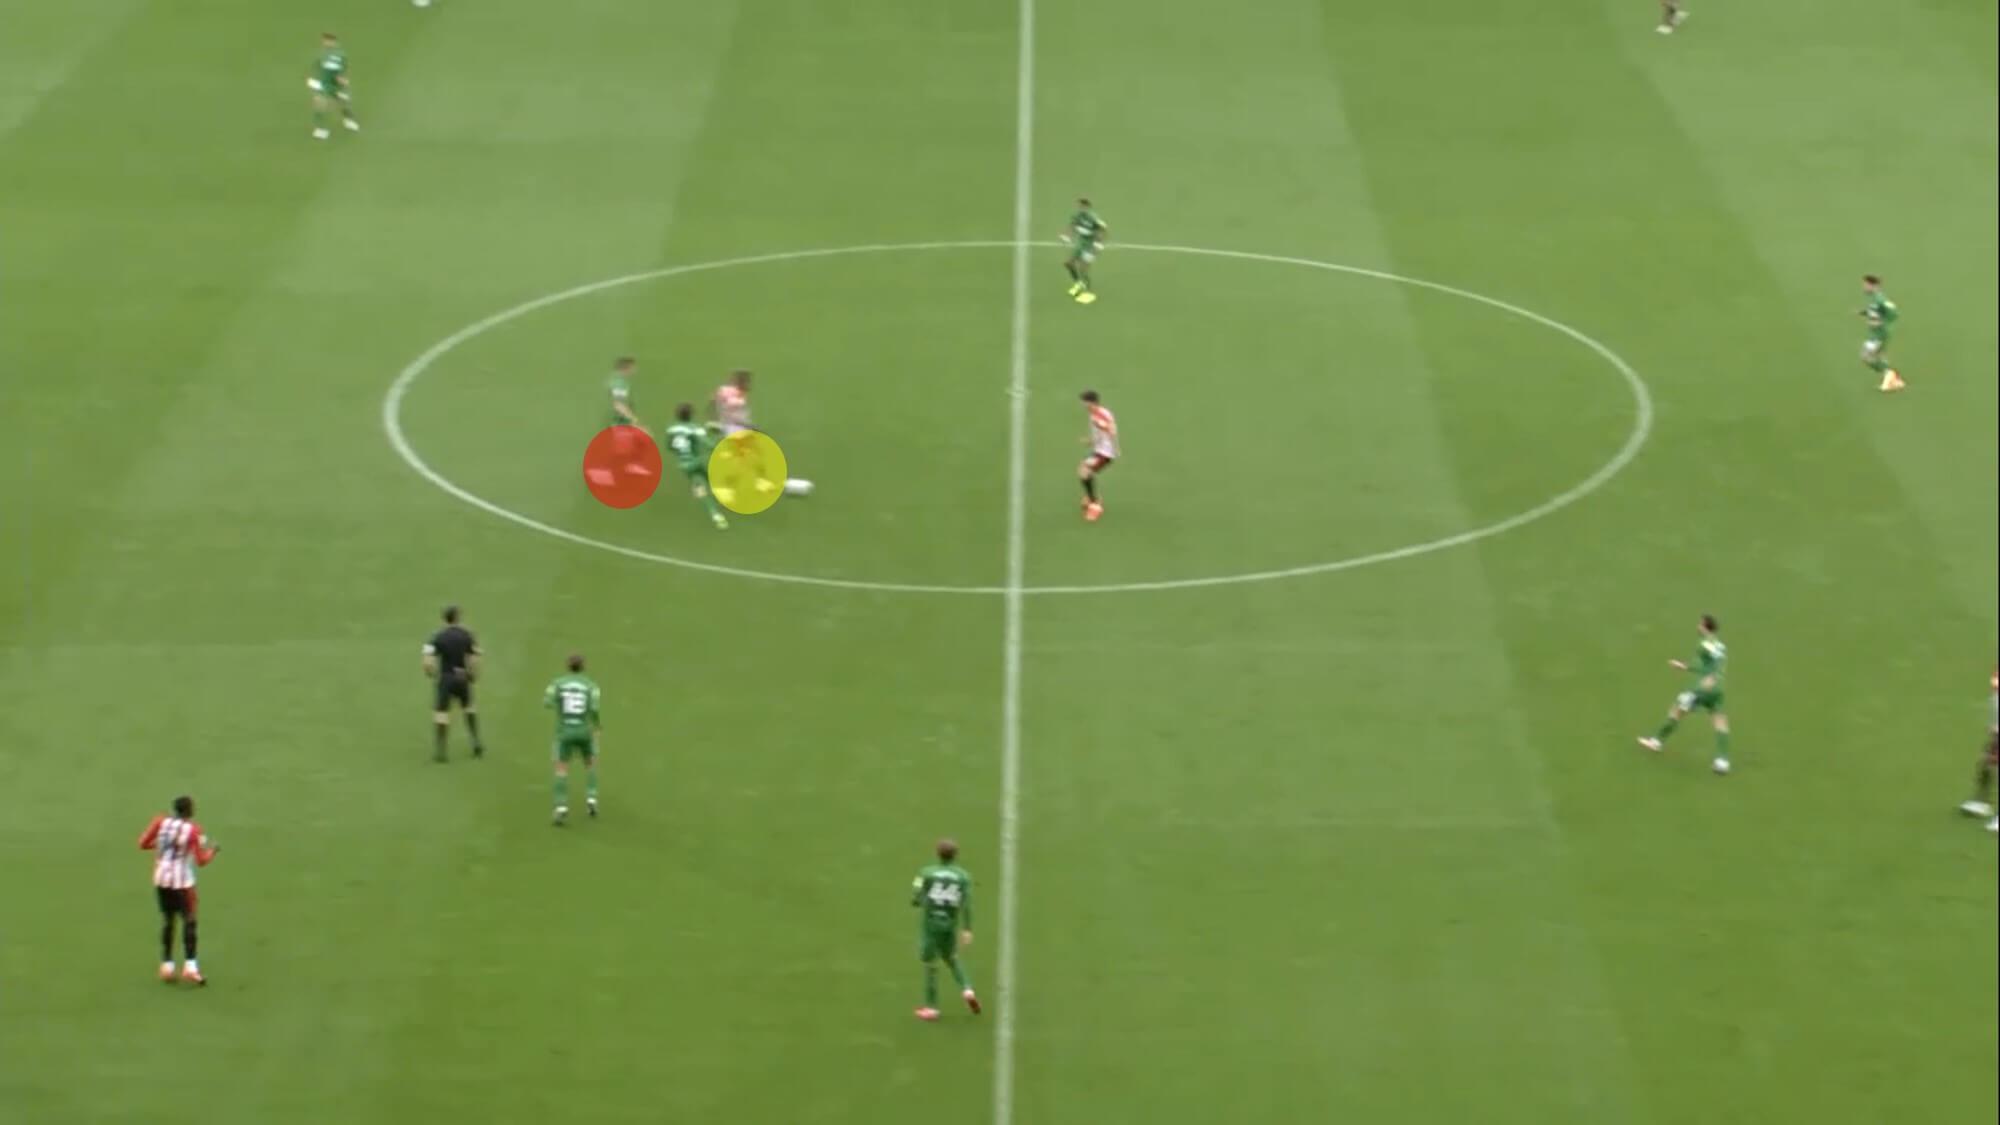 EFL Championship 2020/21: Brentford vs Preston North End - tactical analysis - tactics